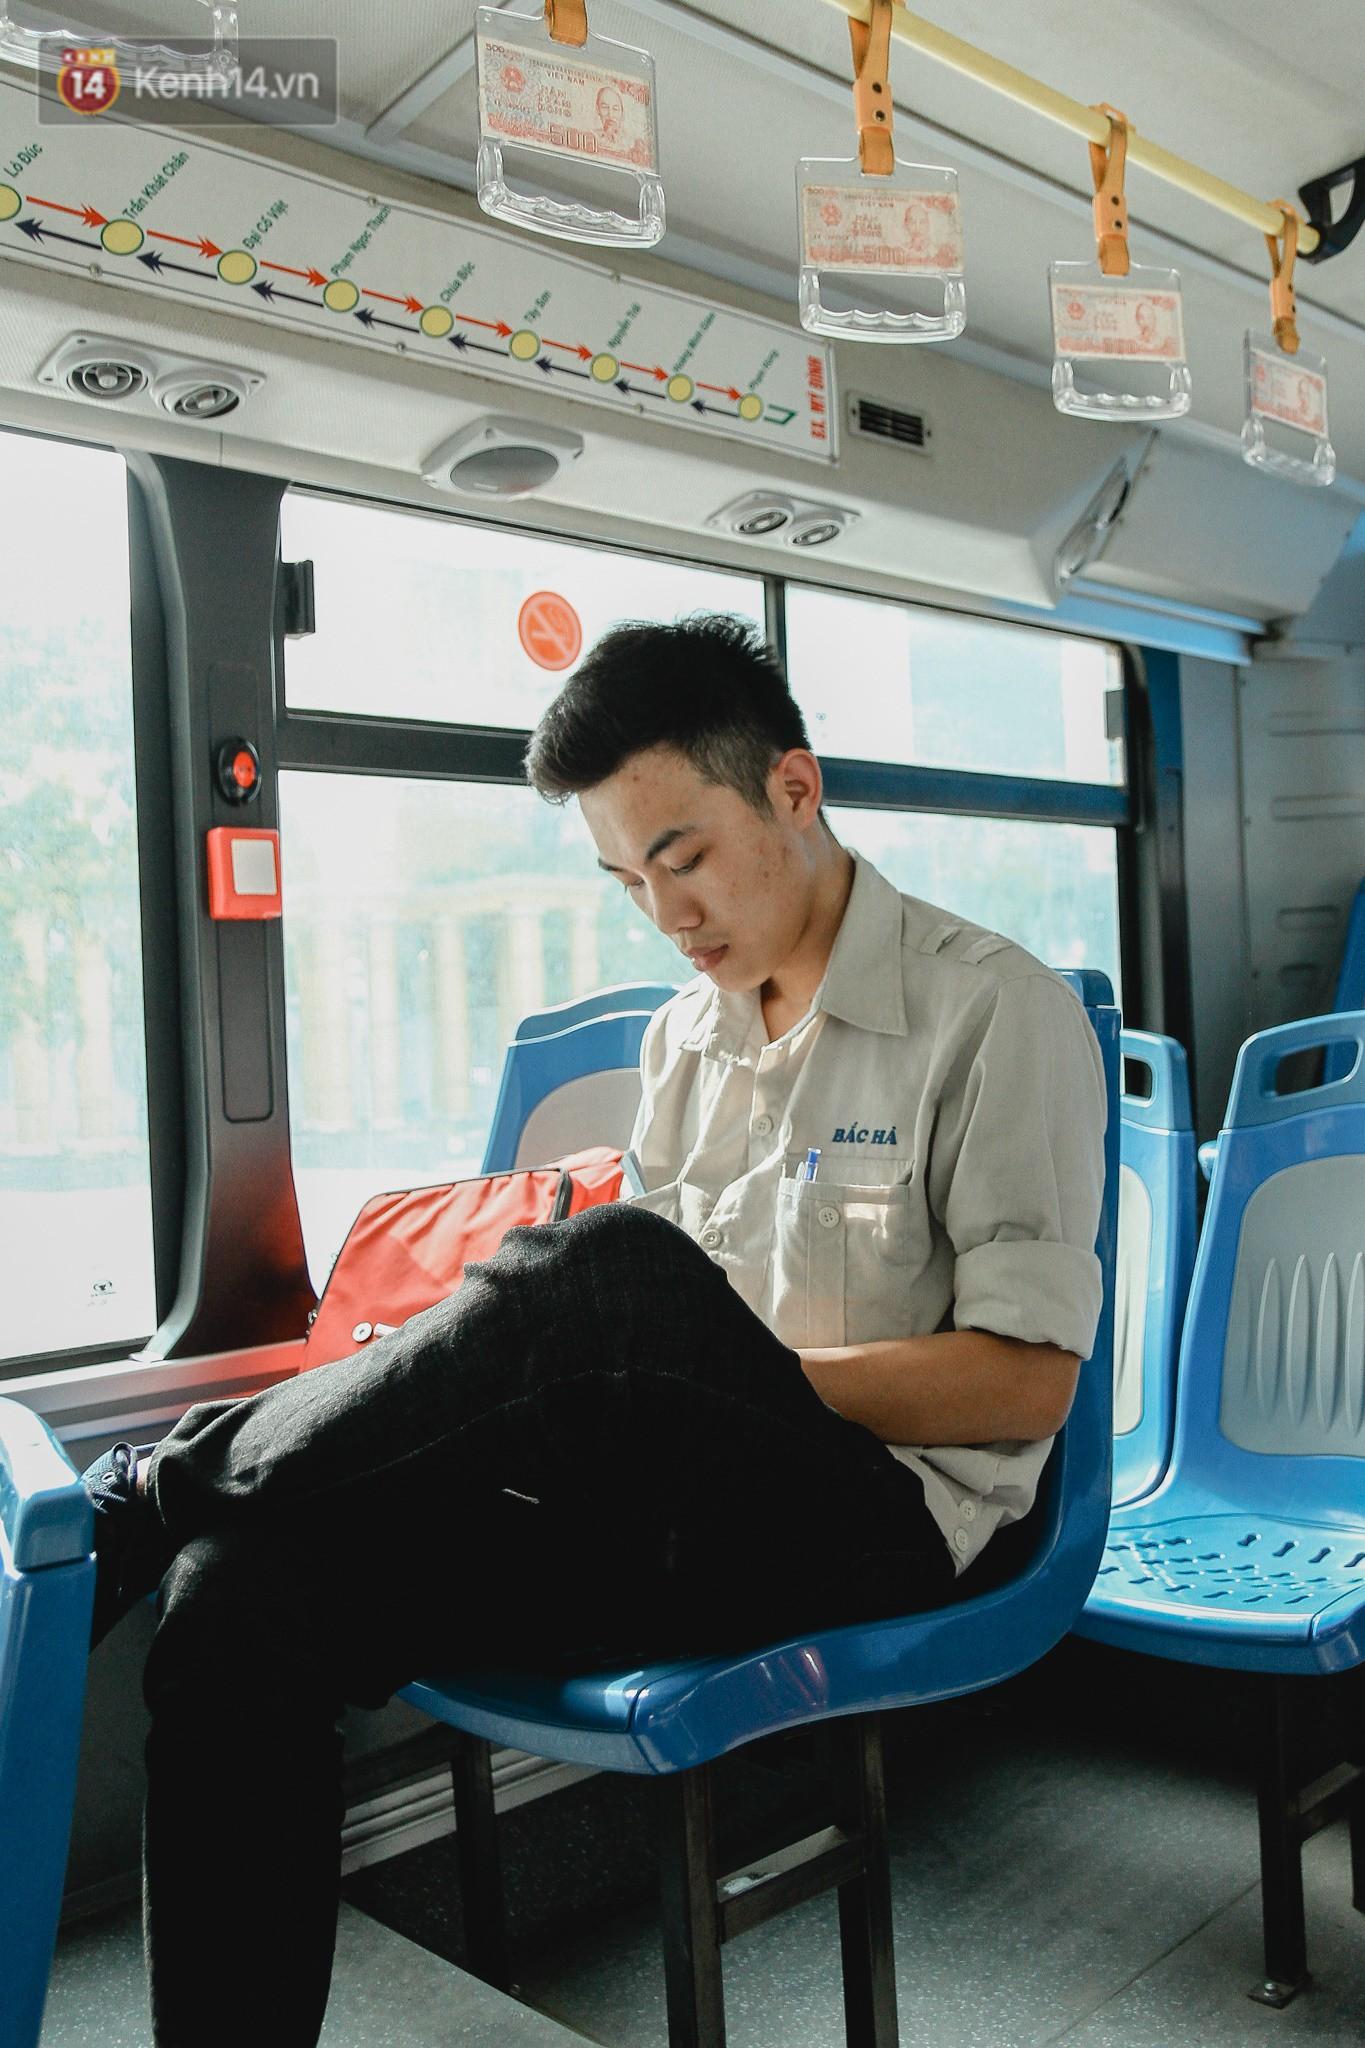 Chuyến xe bus siêu độc đáo ở Hà Nội - treo đỏ chót những tờ 500, 1000 đồng khắp xe 3